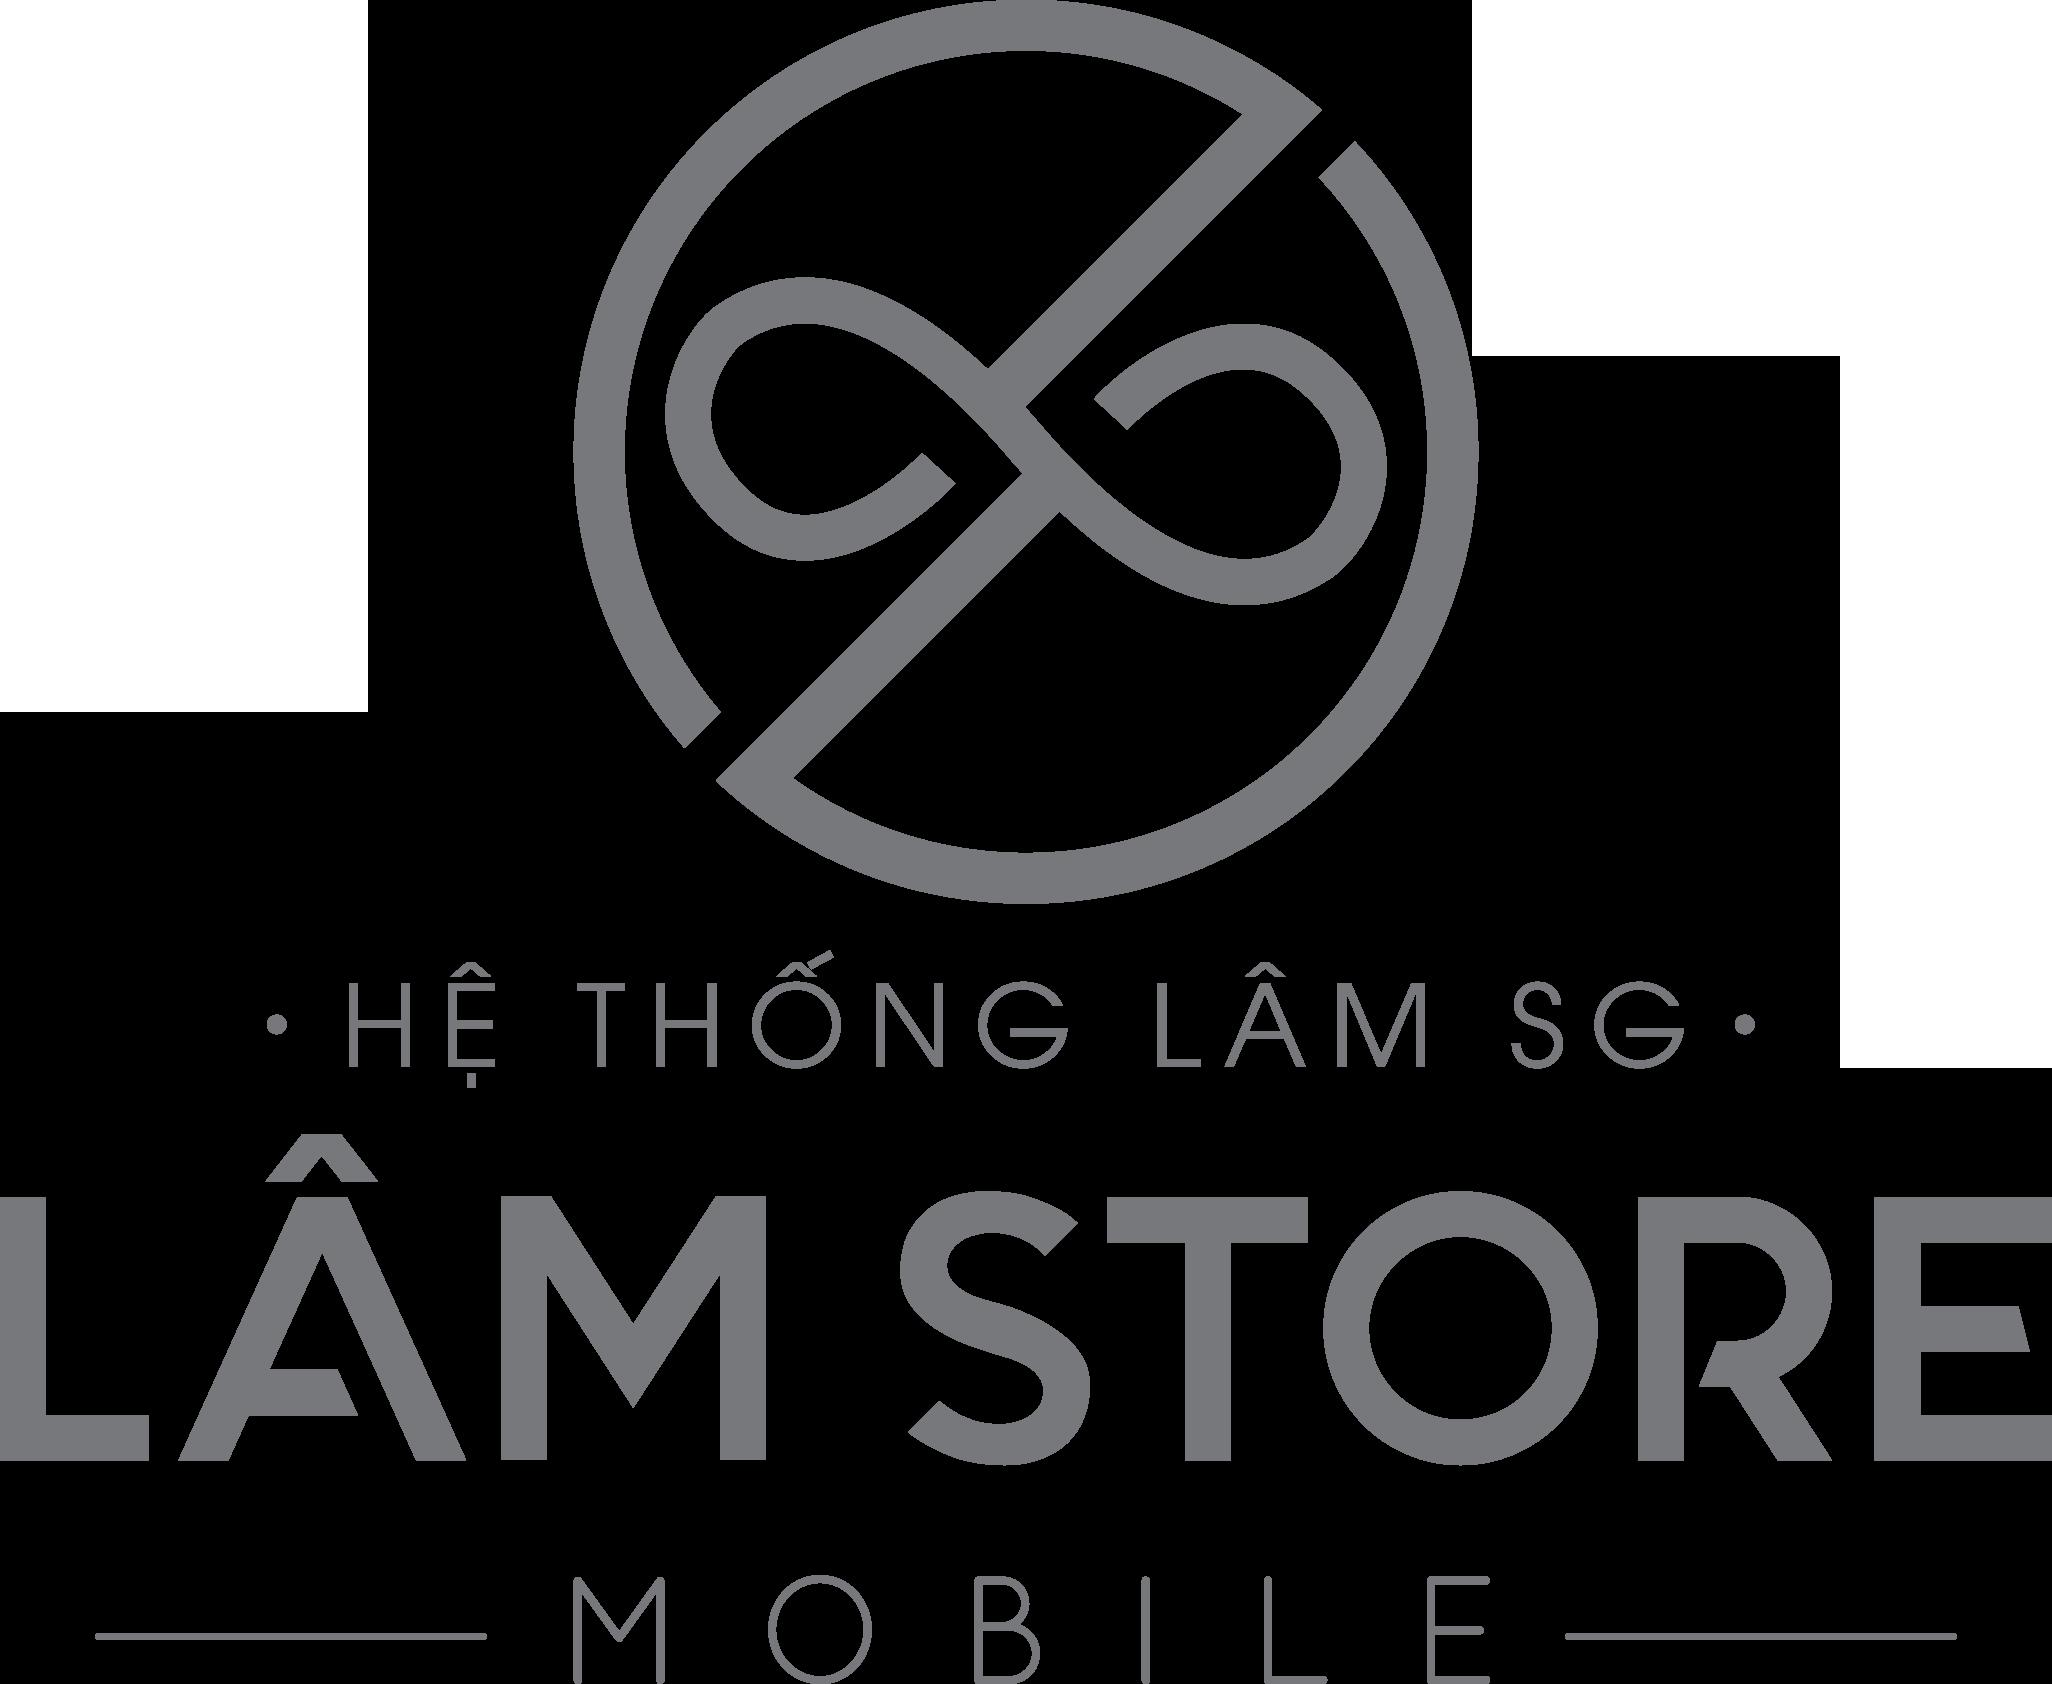 Lam Store SG - Iphone